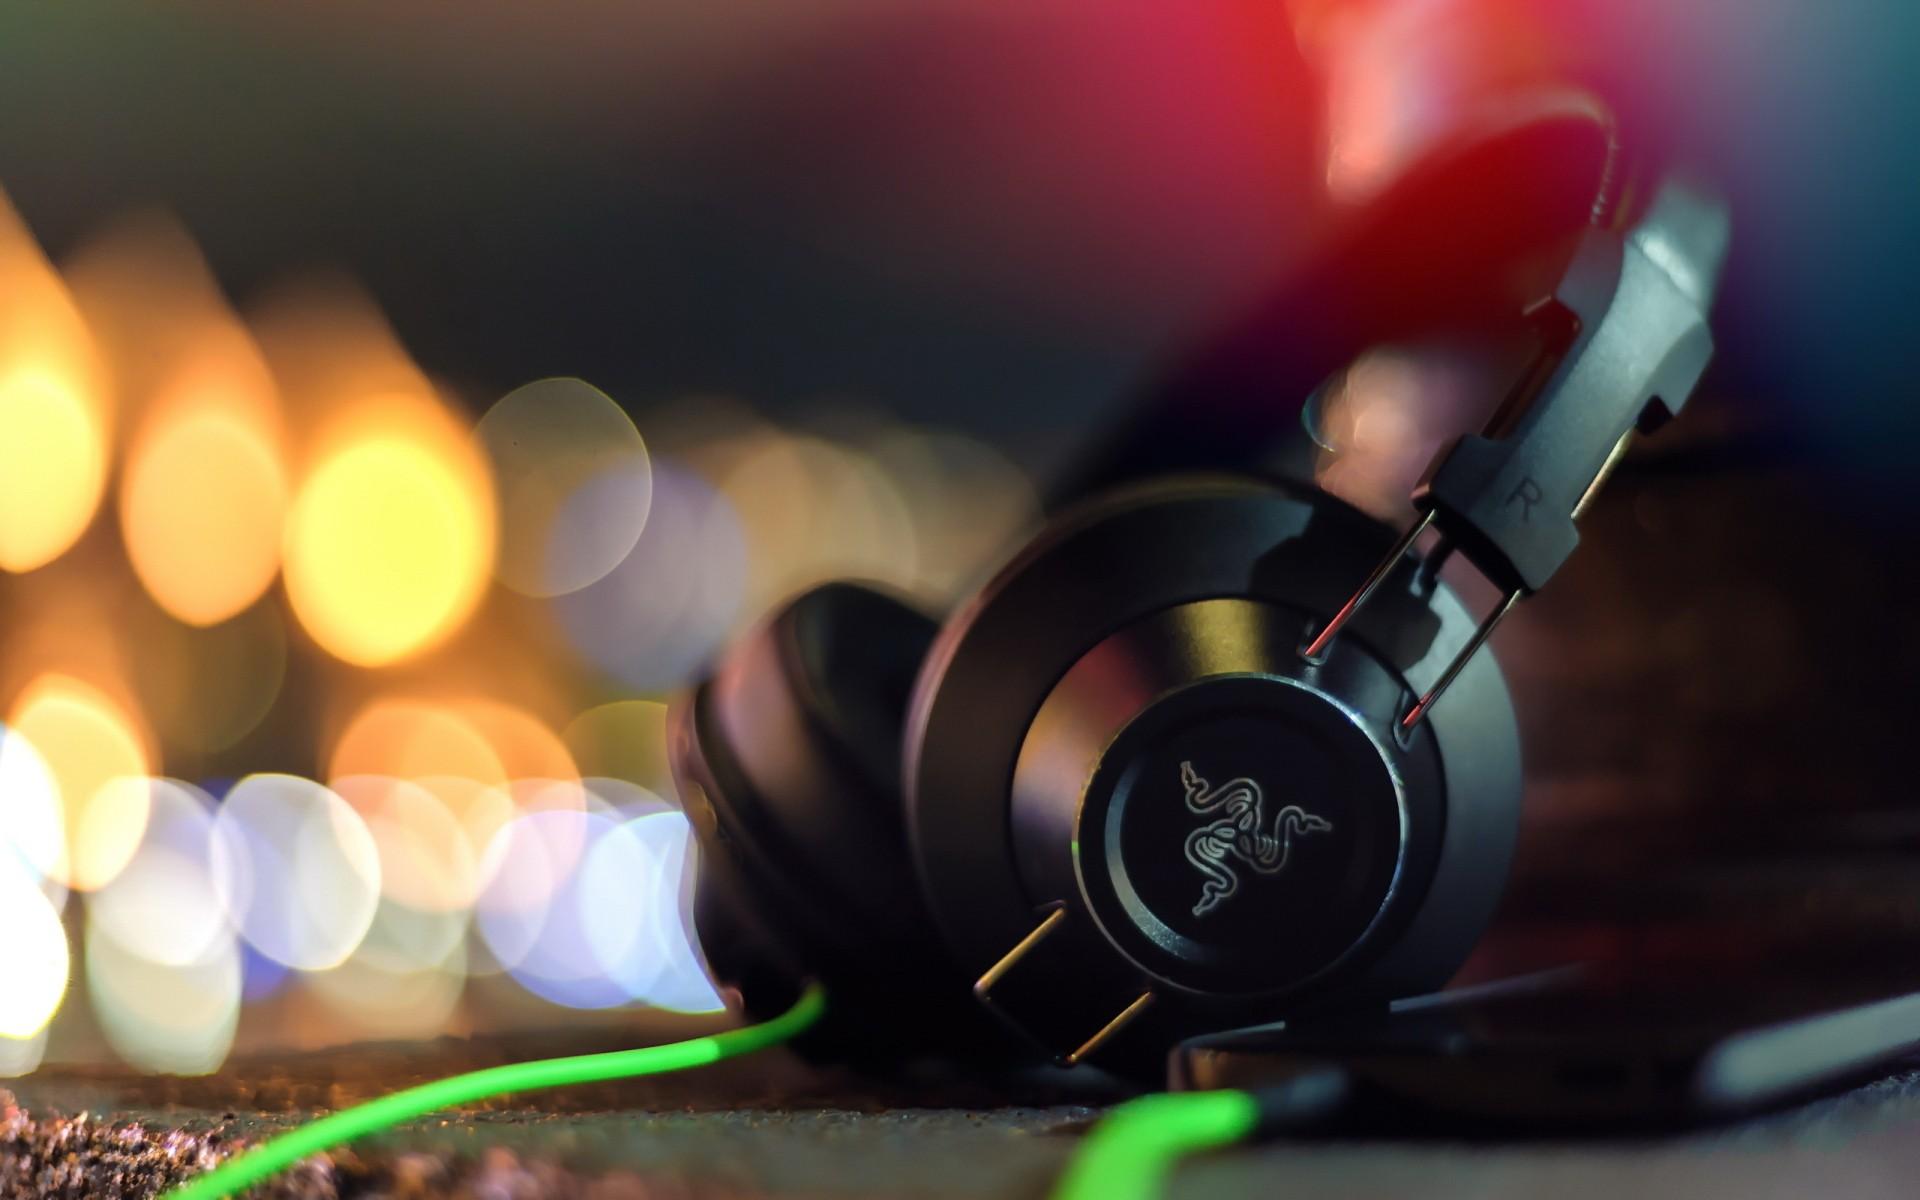 Hình nền : Đỏ, tai nghe, Công nghệ, Razer, Âm thanh, ánh sáng, màu